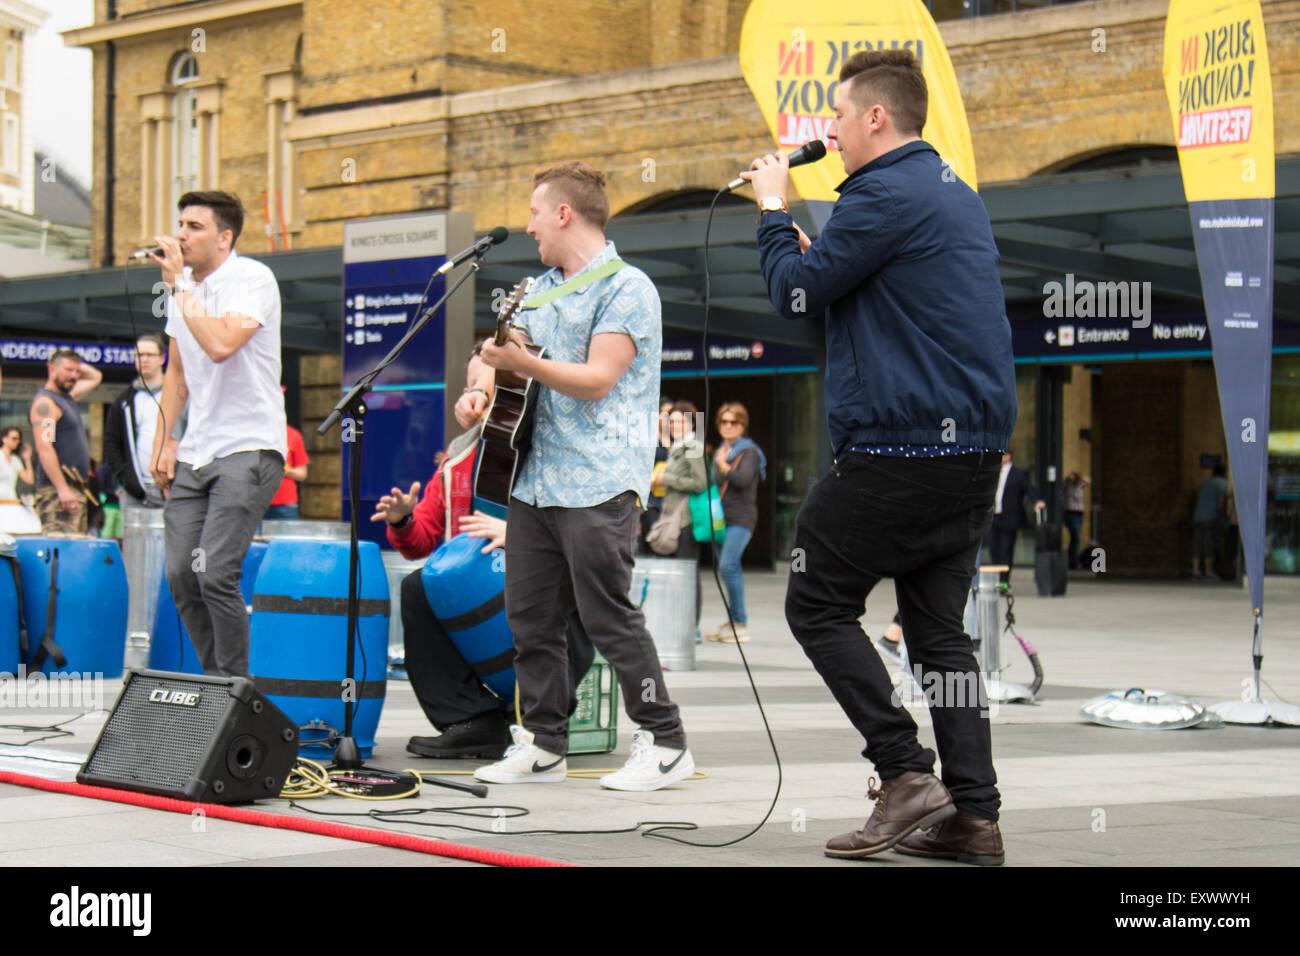 Kings Cross Road, London, 17 juillet 2015. Dans le cadre de la Journée nationale de la rue, Busk, à Londres, est lancé à King Cross Square avec percussion Stomp groupe de renommée internationale et sur mesure groupe pop de rue qui remonte à leur performance de rue racines et divertir les milliers de navetteurs qui passe. Sur la photo: effectuer sur mesure à Kings Cross Square. Crédit: Paul Davey/Alamy Live News Banque D'Images